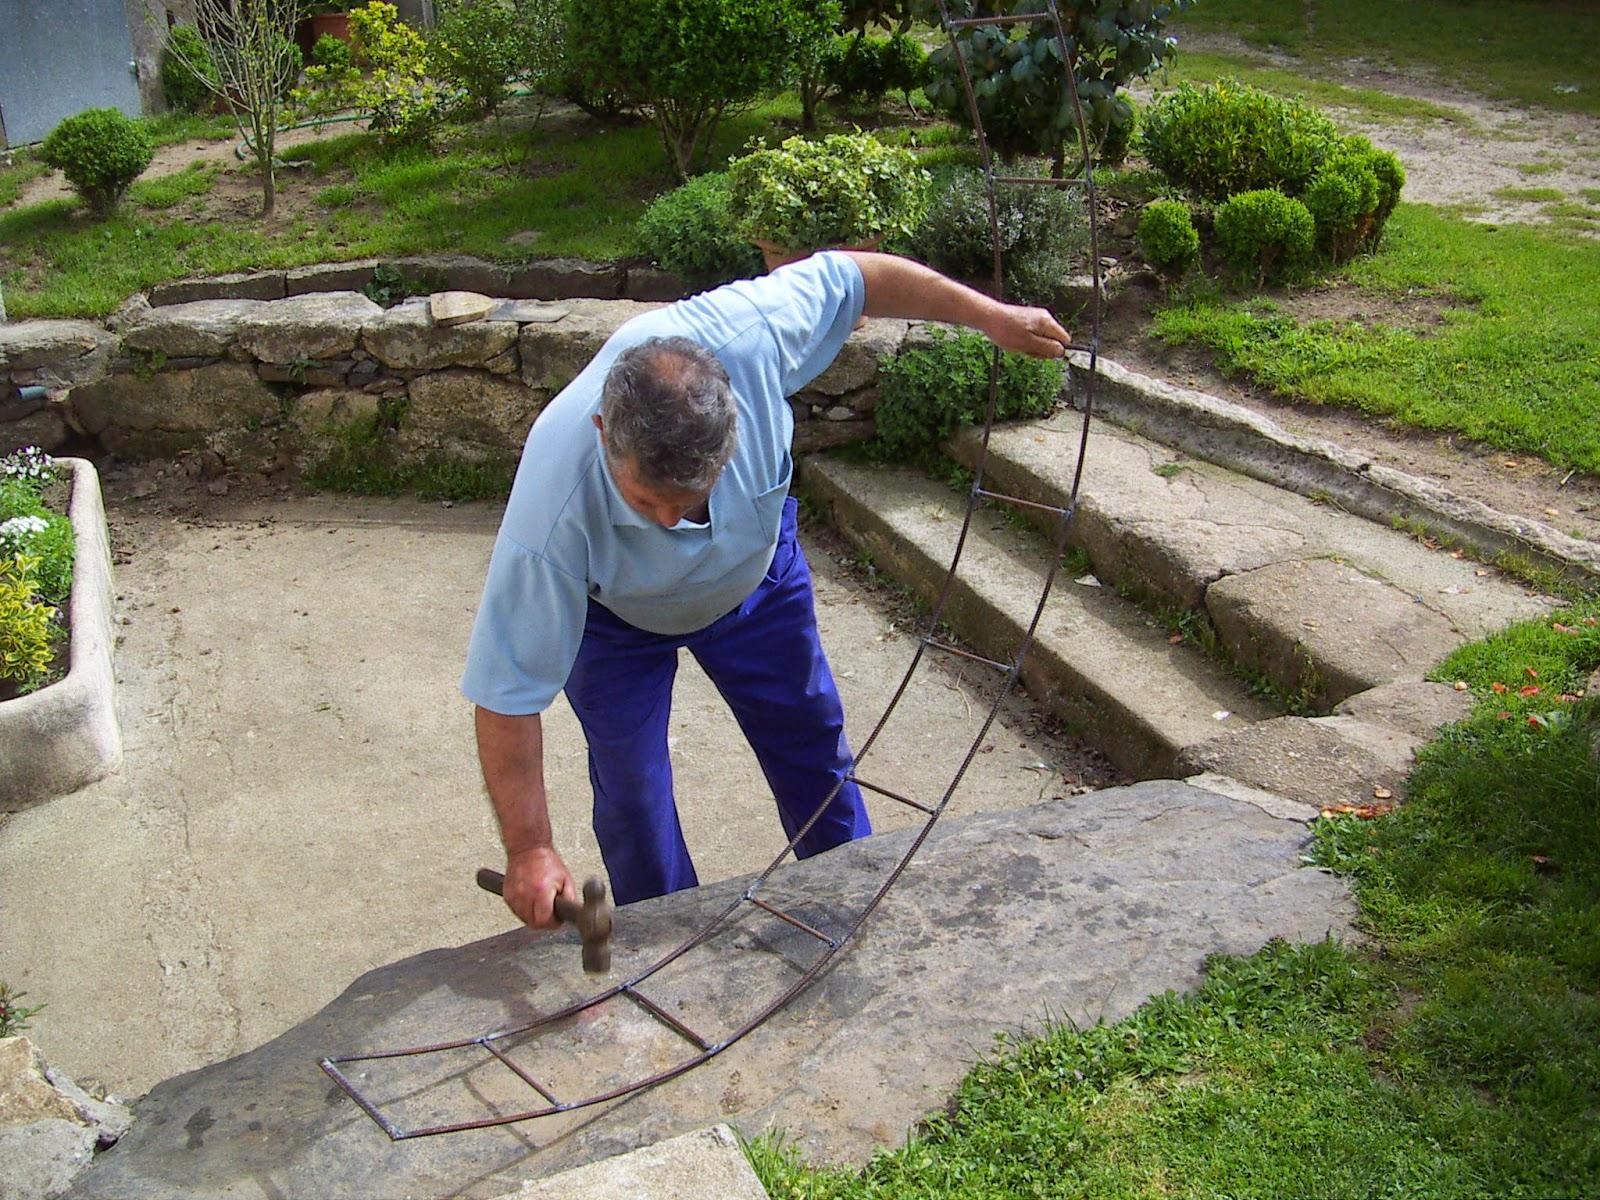 El rinc n de un aprendiz arco de hierro para el jard n for Arcos para jardin